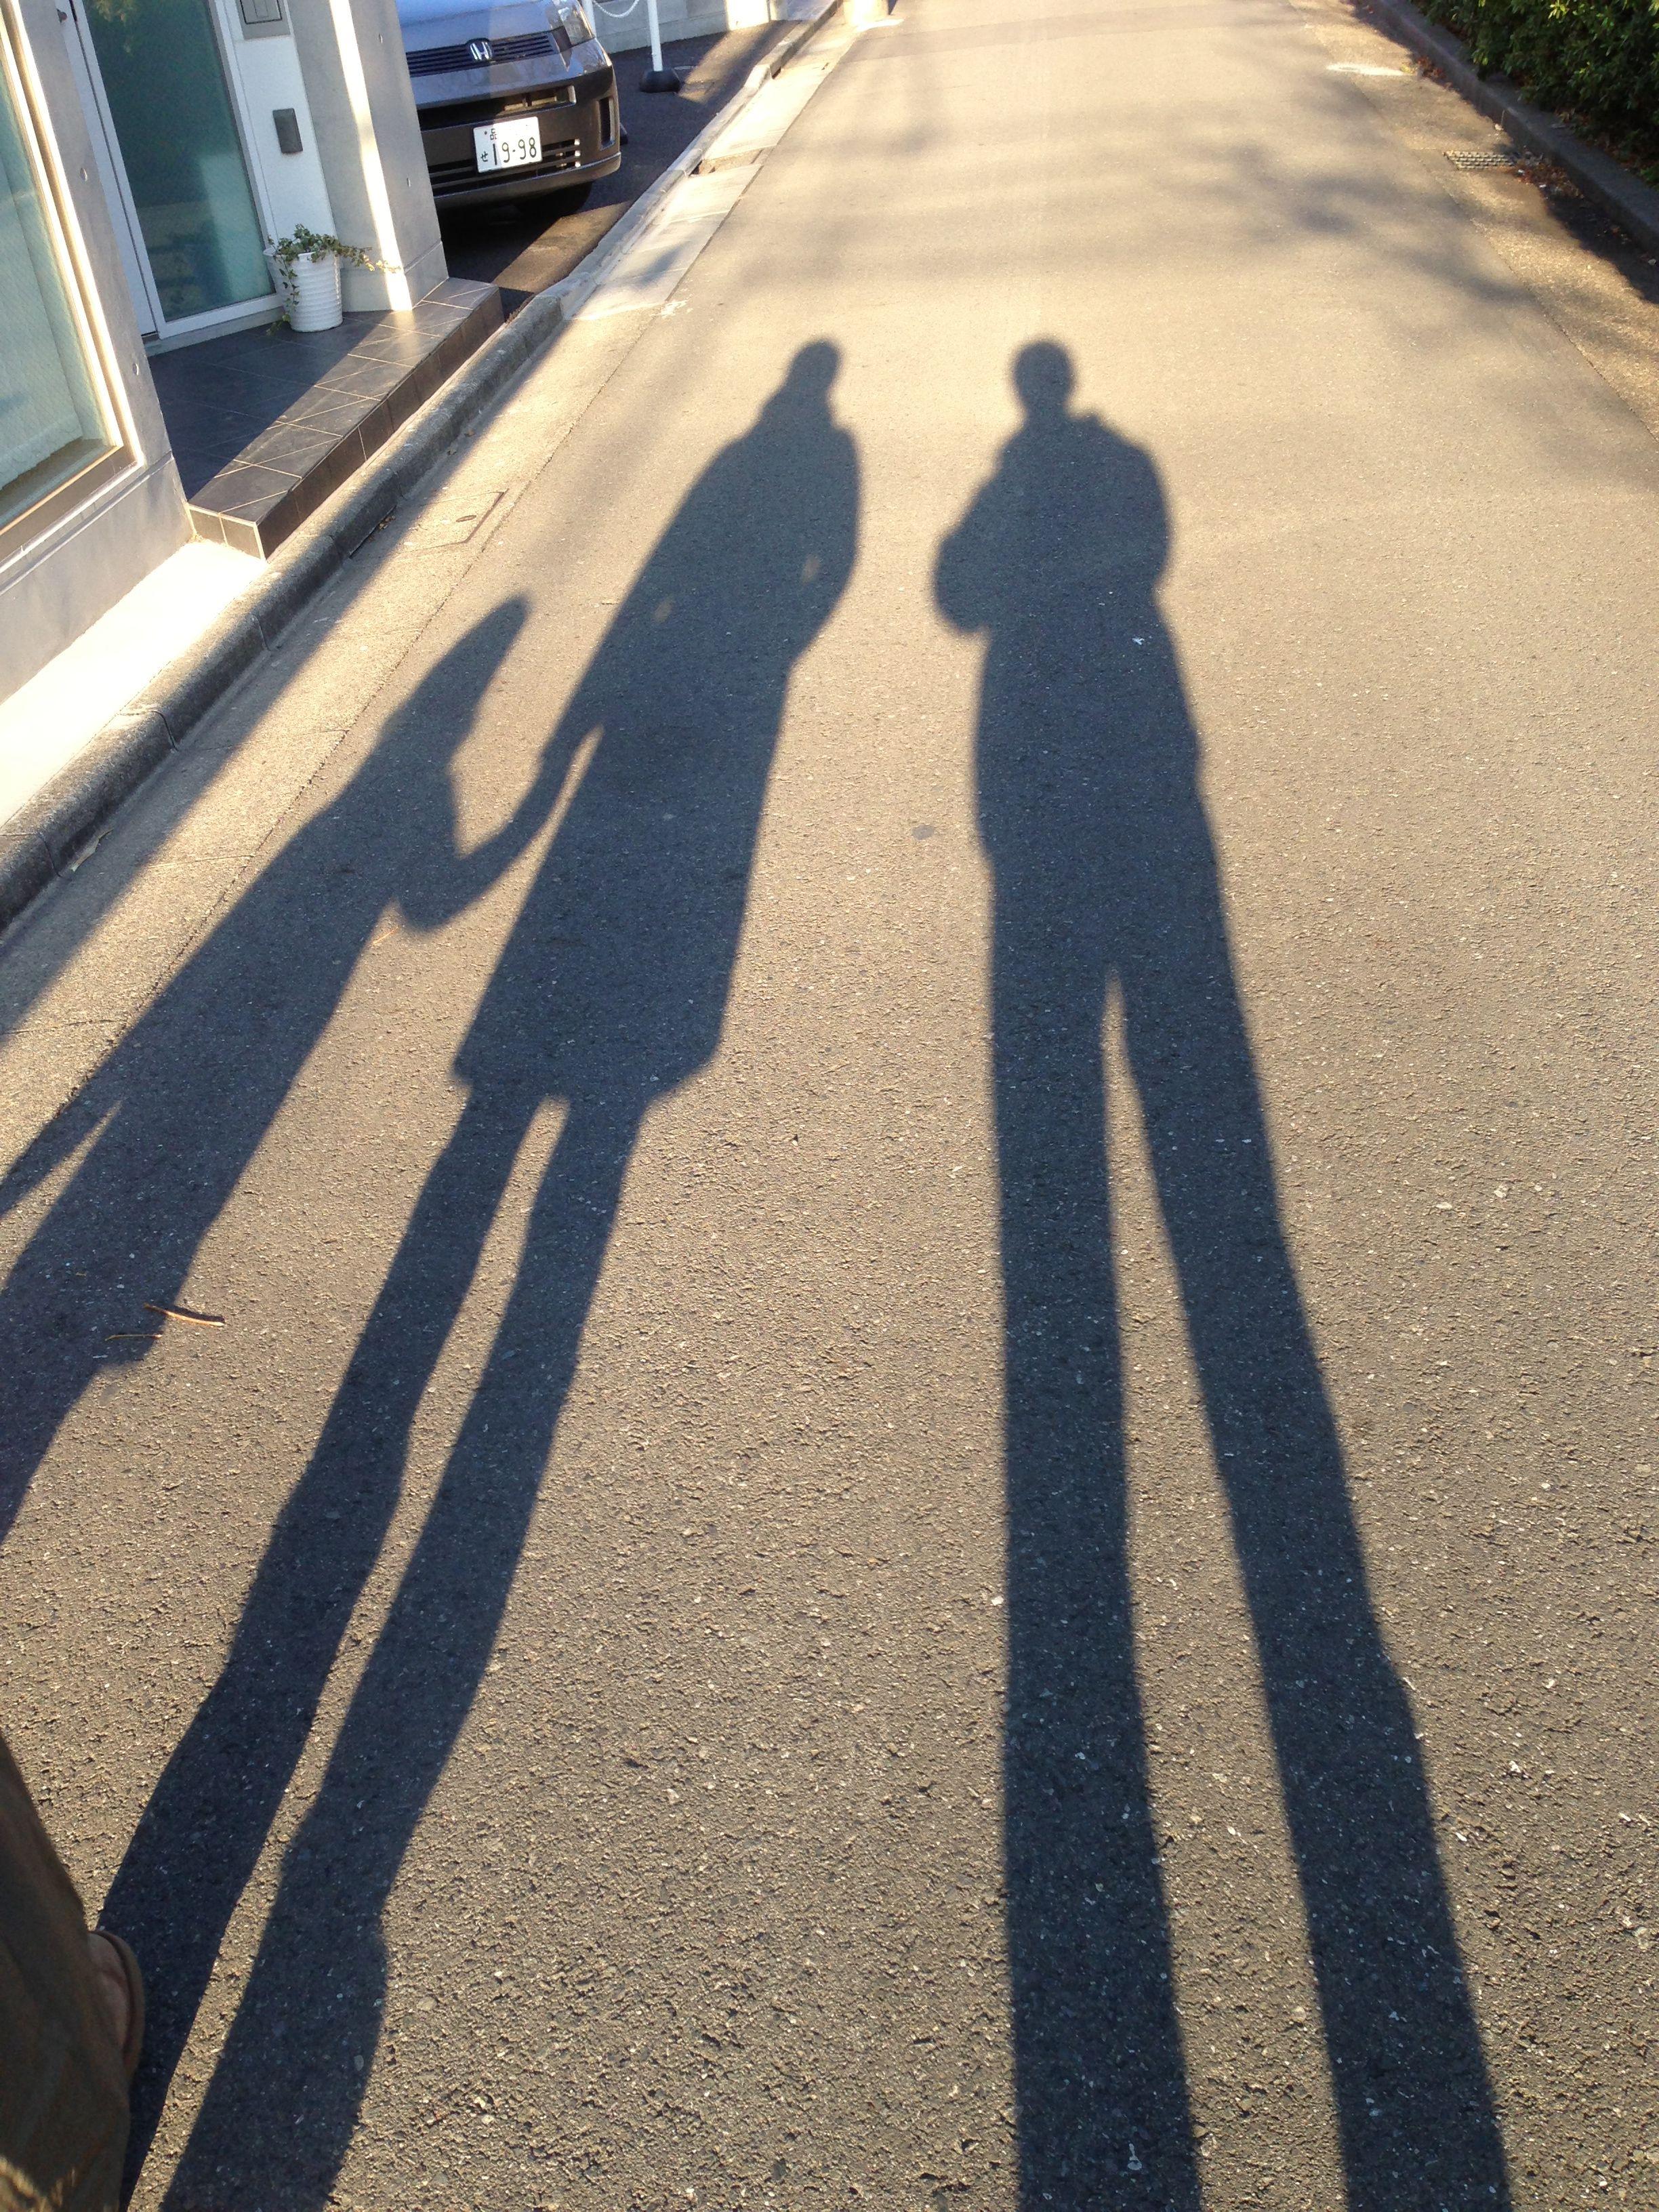 Shades of family